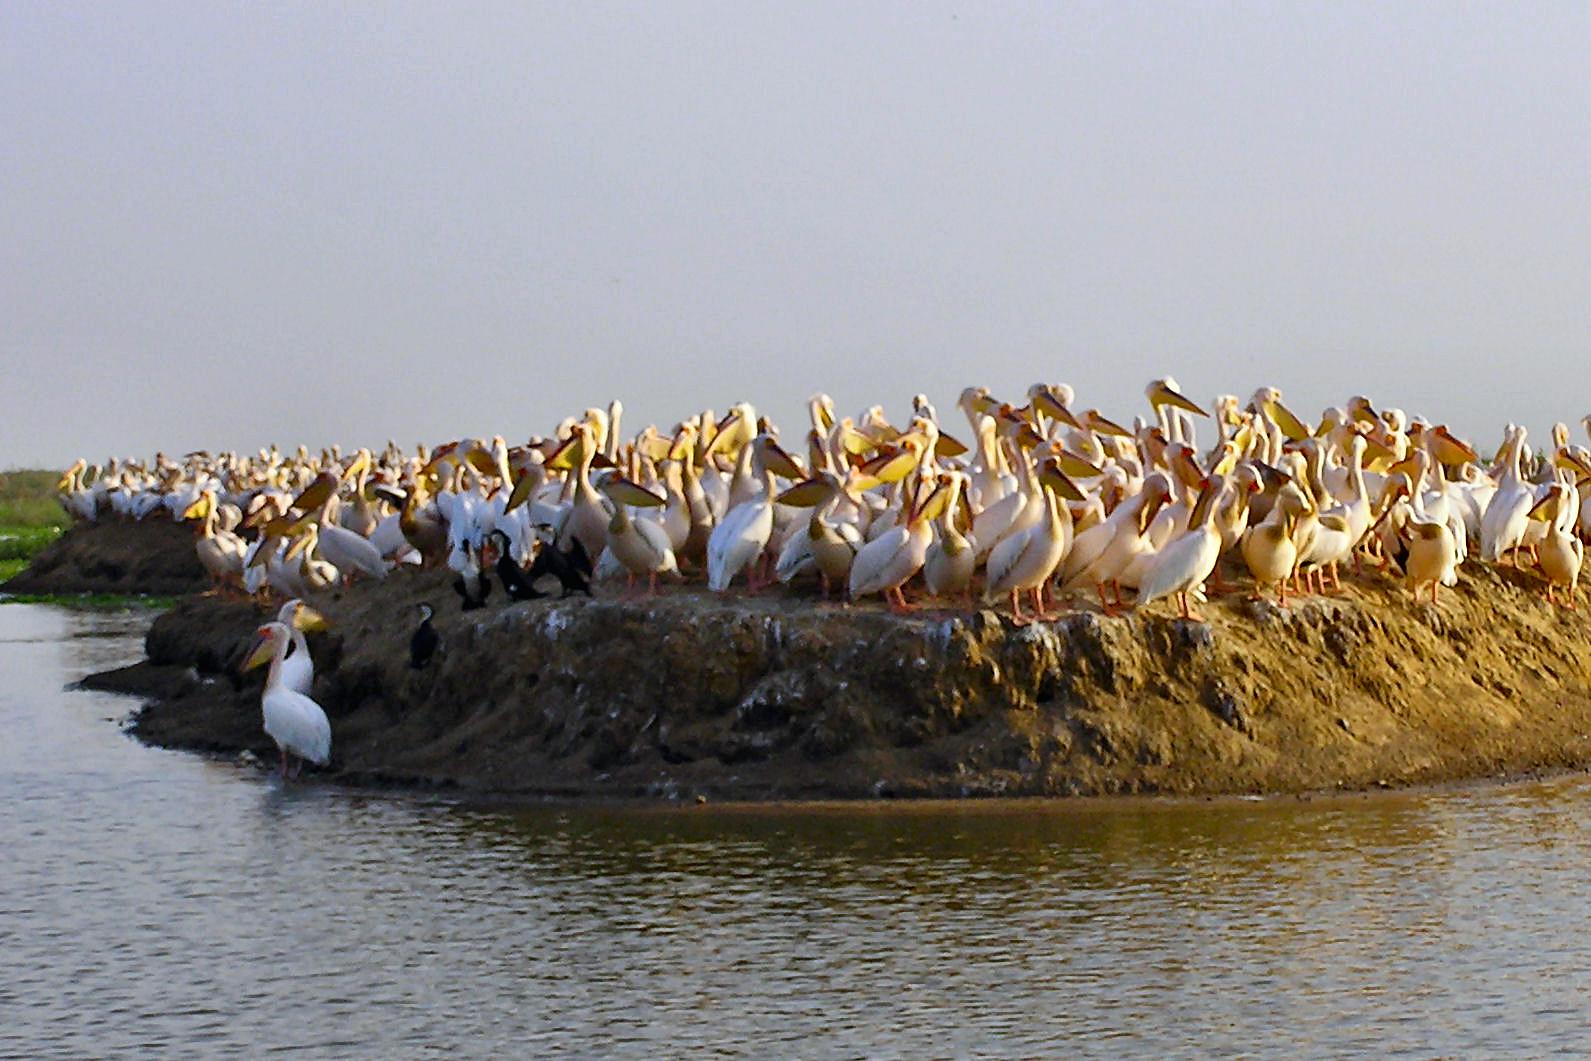 File:Djoudj ile pelican.jpg - Wikimedia Commons